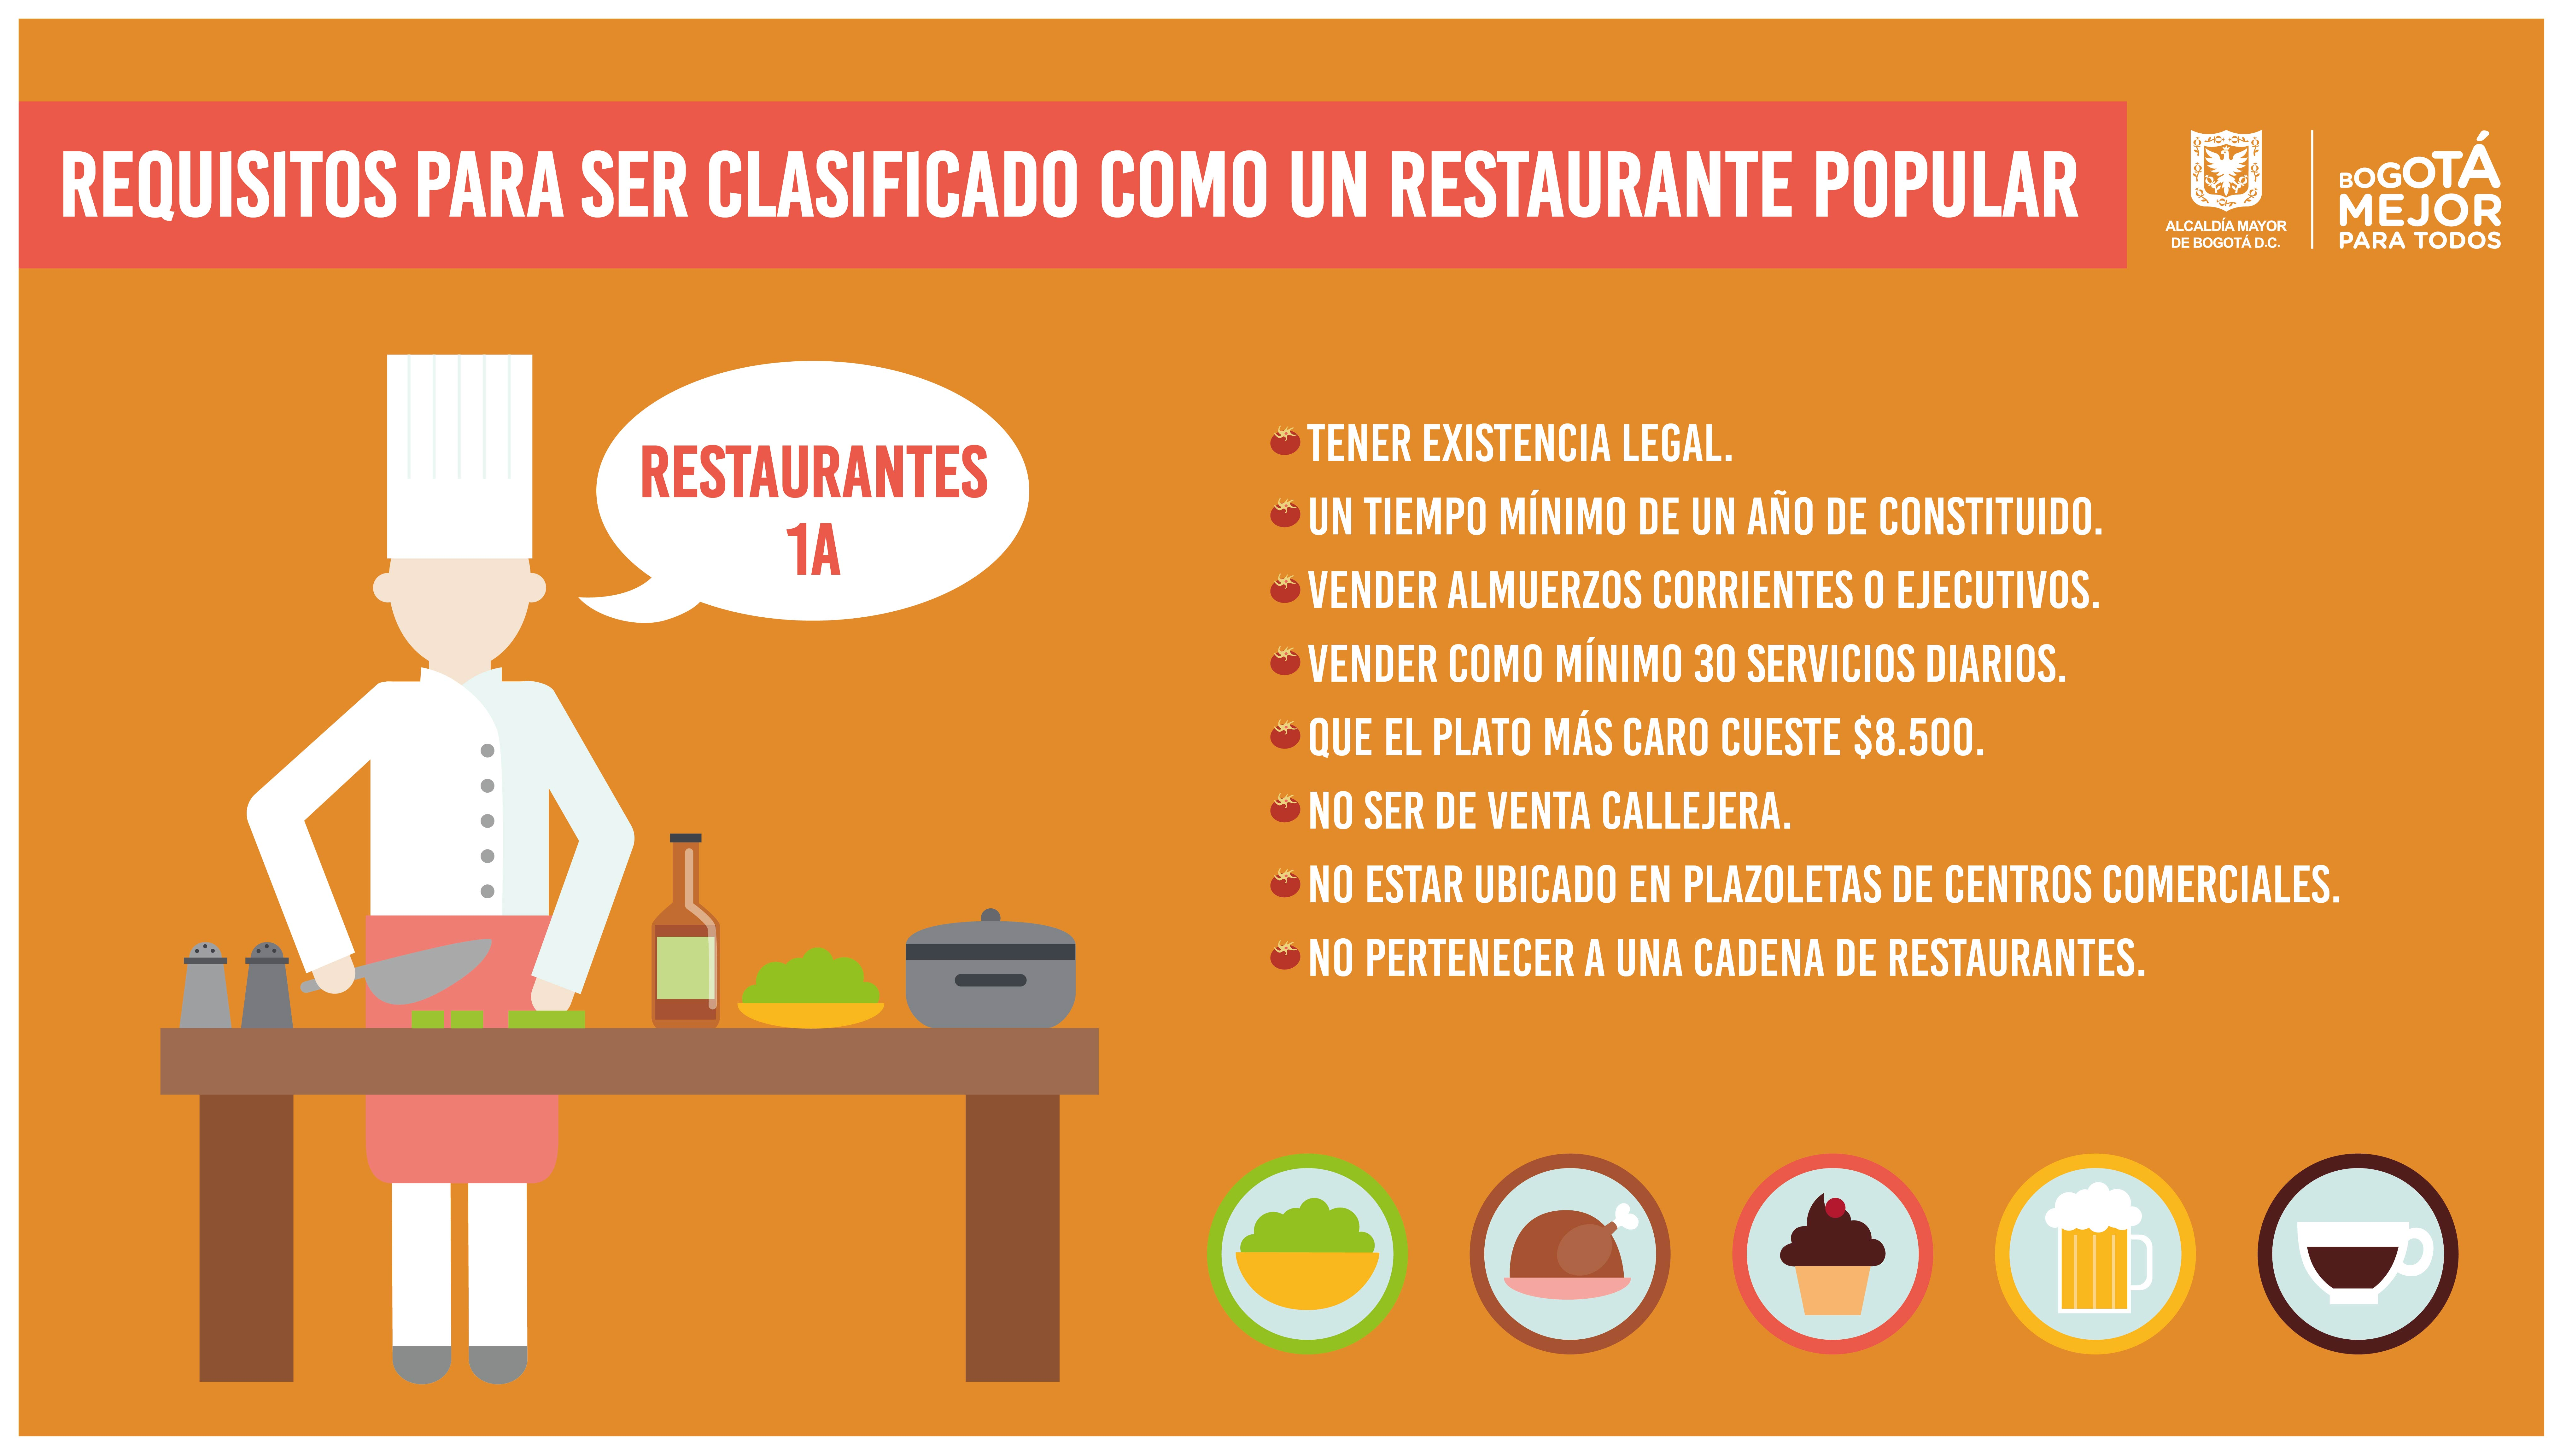 Alim ntese con confianza en los 39 restaurantes 1a 39 - Tramites legales para alquilar un piso ...